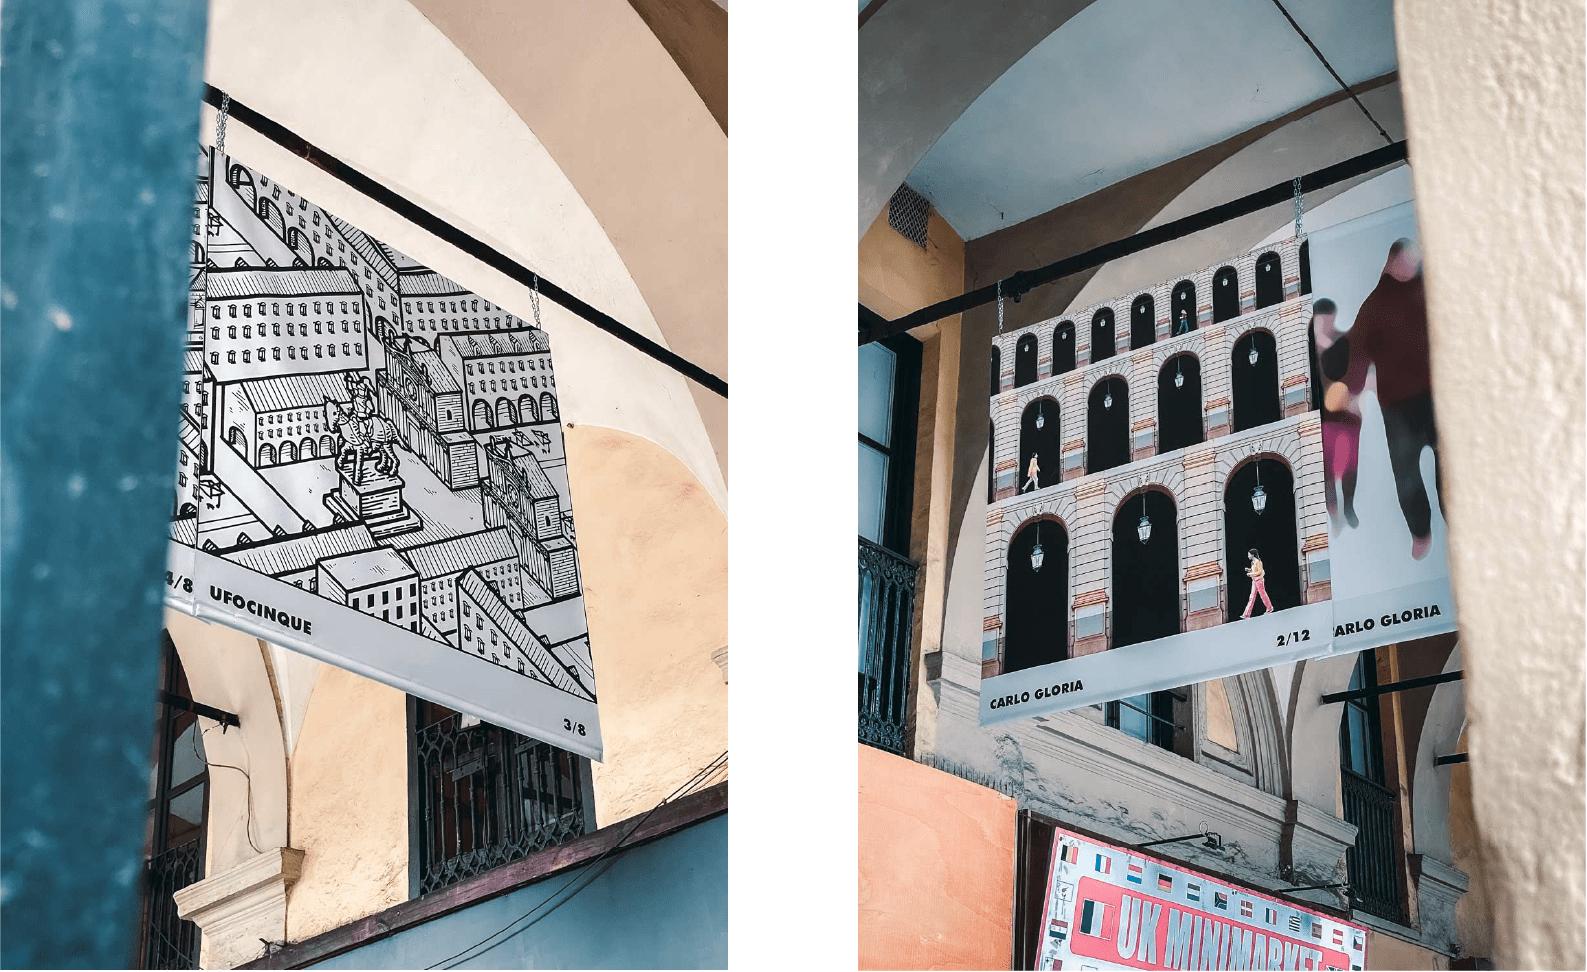 Spazio Portici - Percorsi Creativi, le opere di Carlo Gloria e Ufocinque esposte sotto ai portici di via Nizza, Torino.